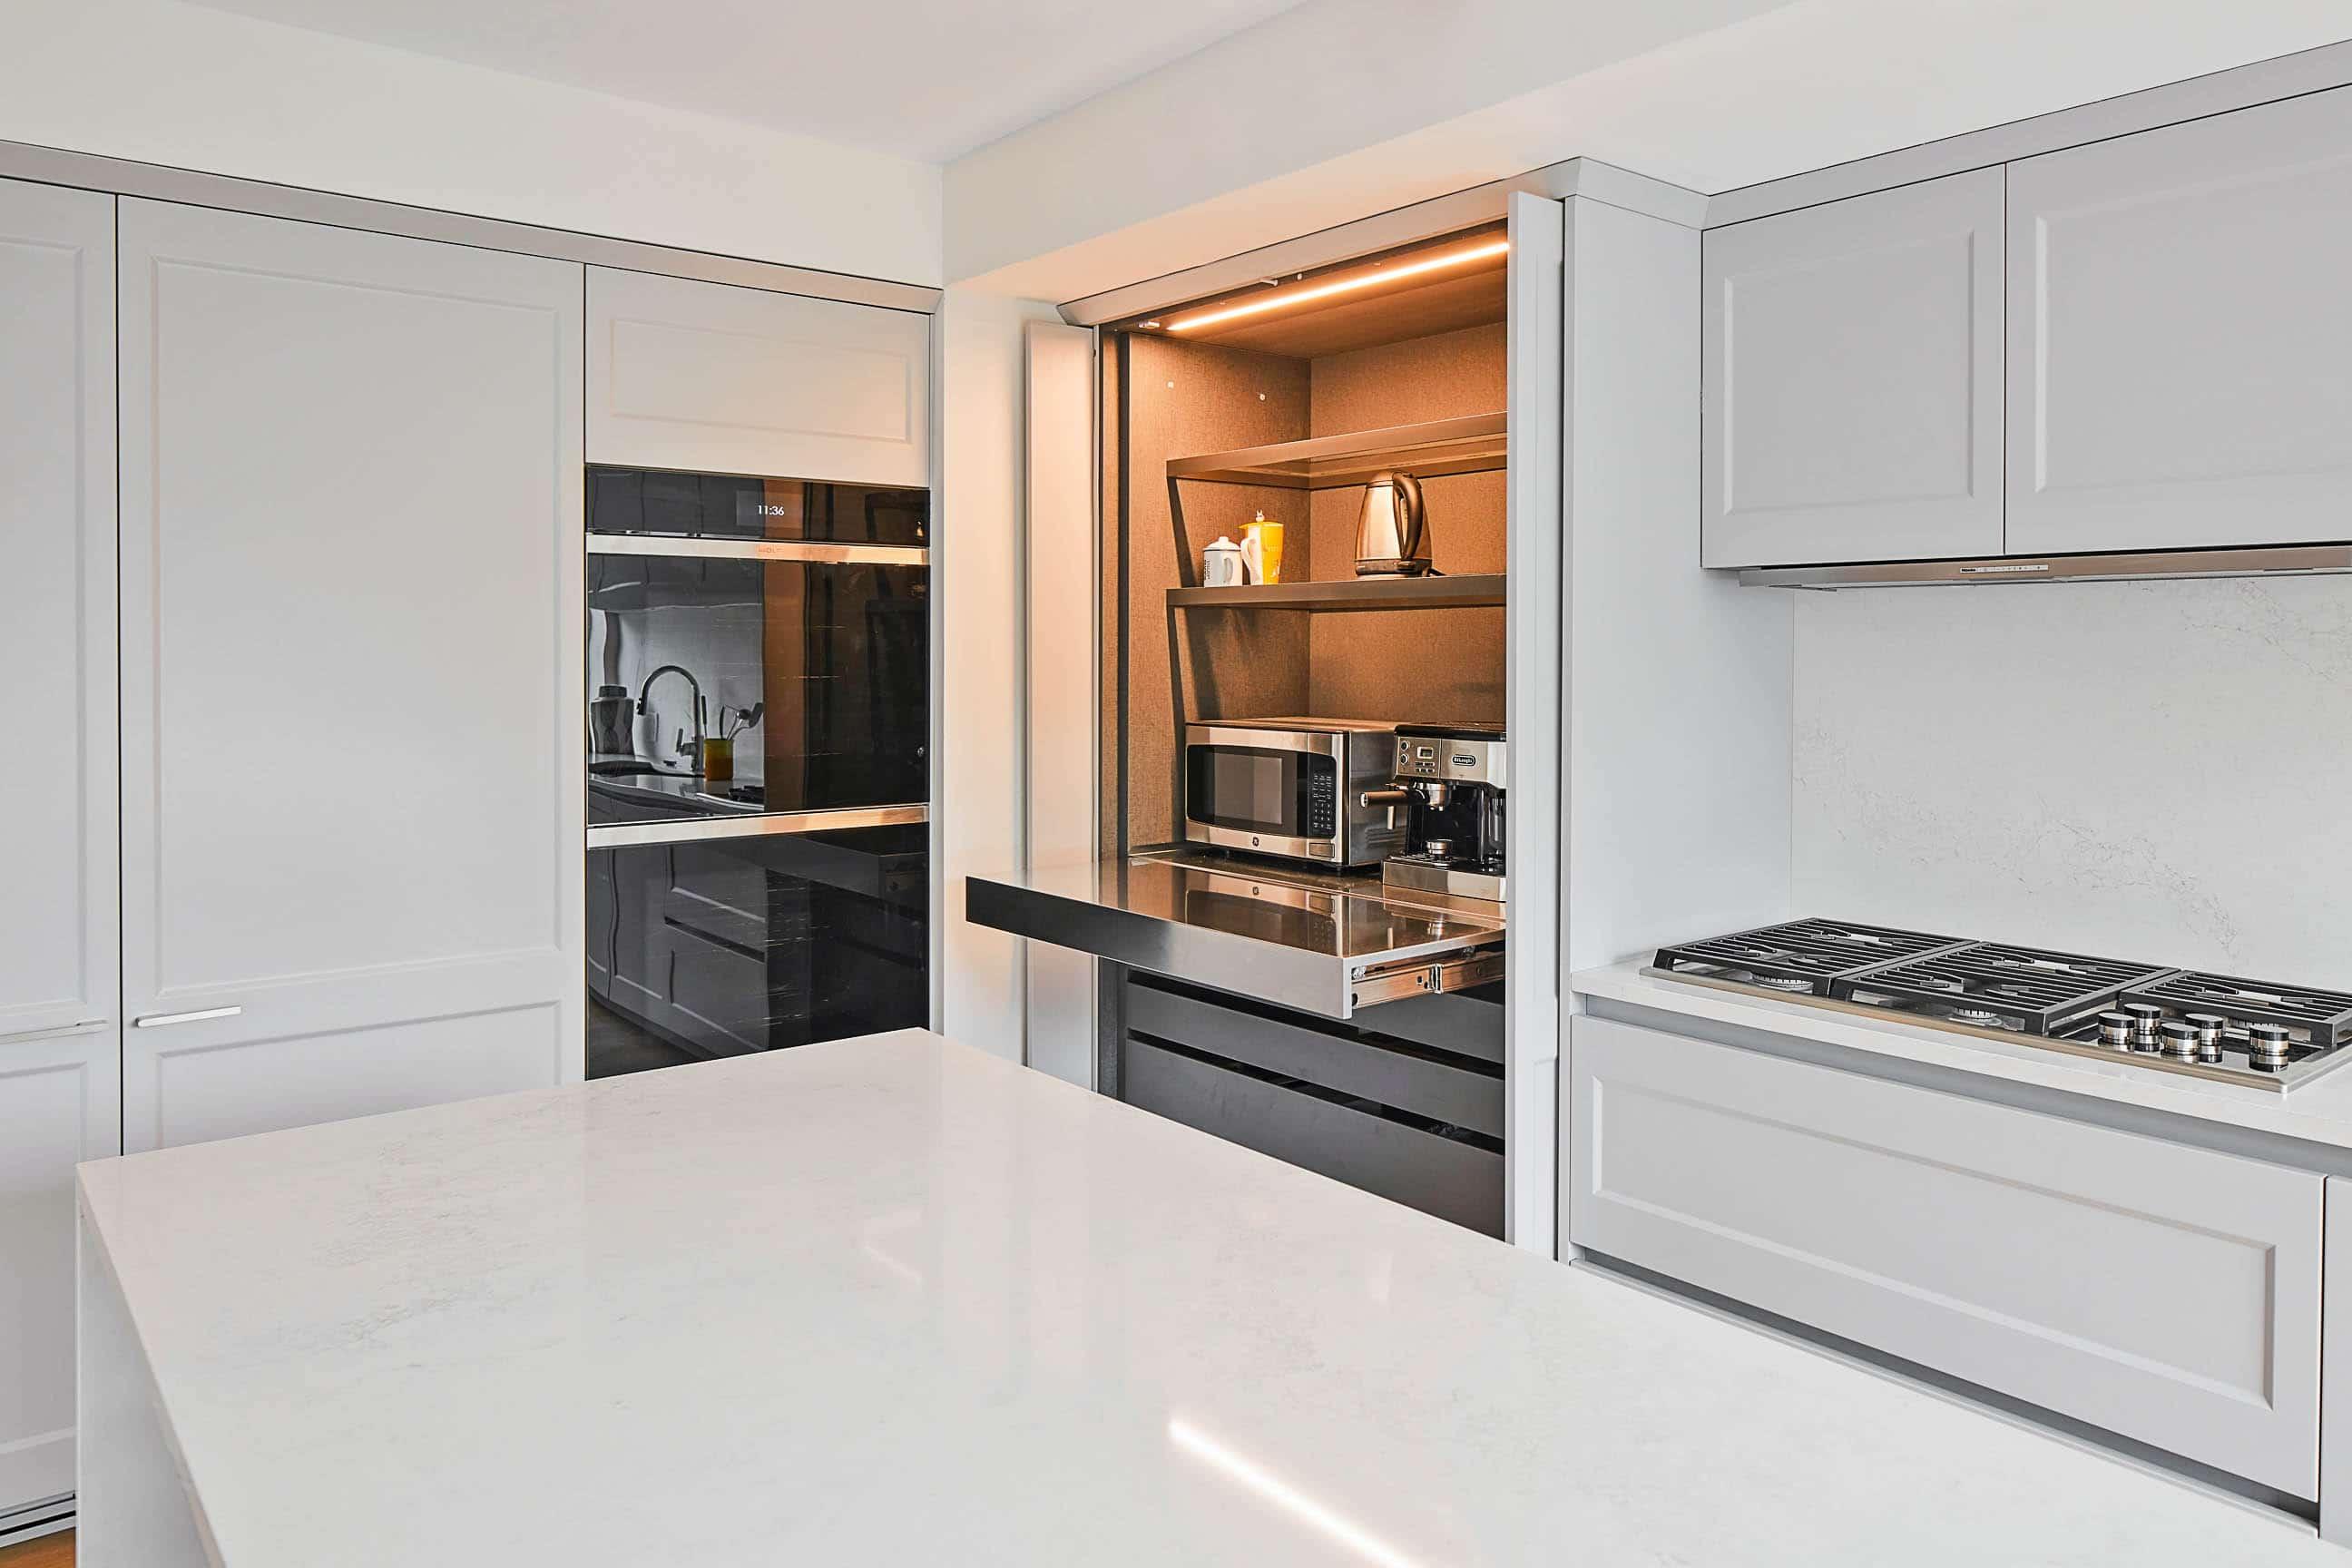 Transitional kitchen modern kitchen design NYC